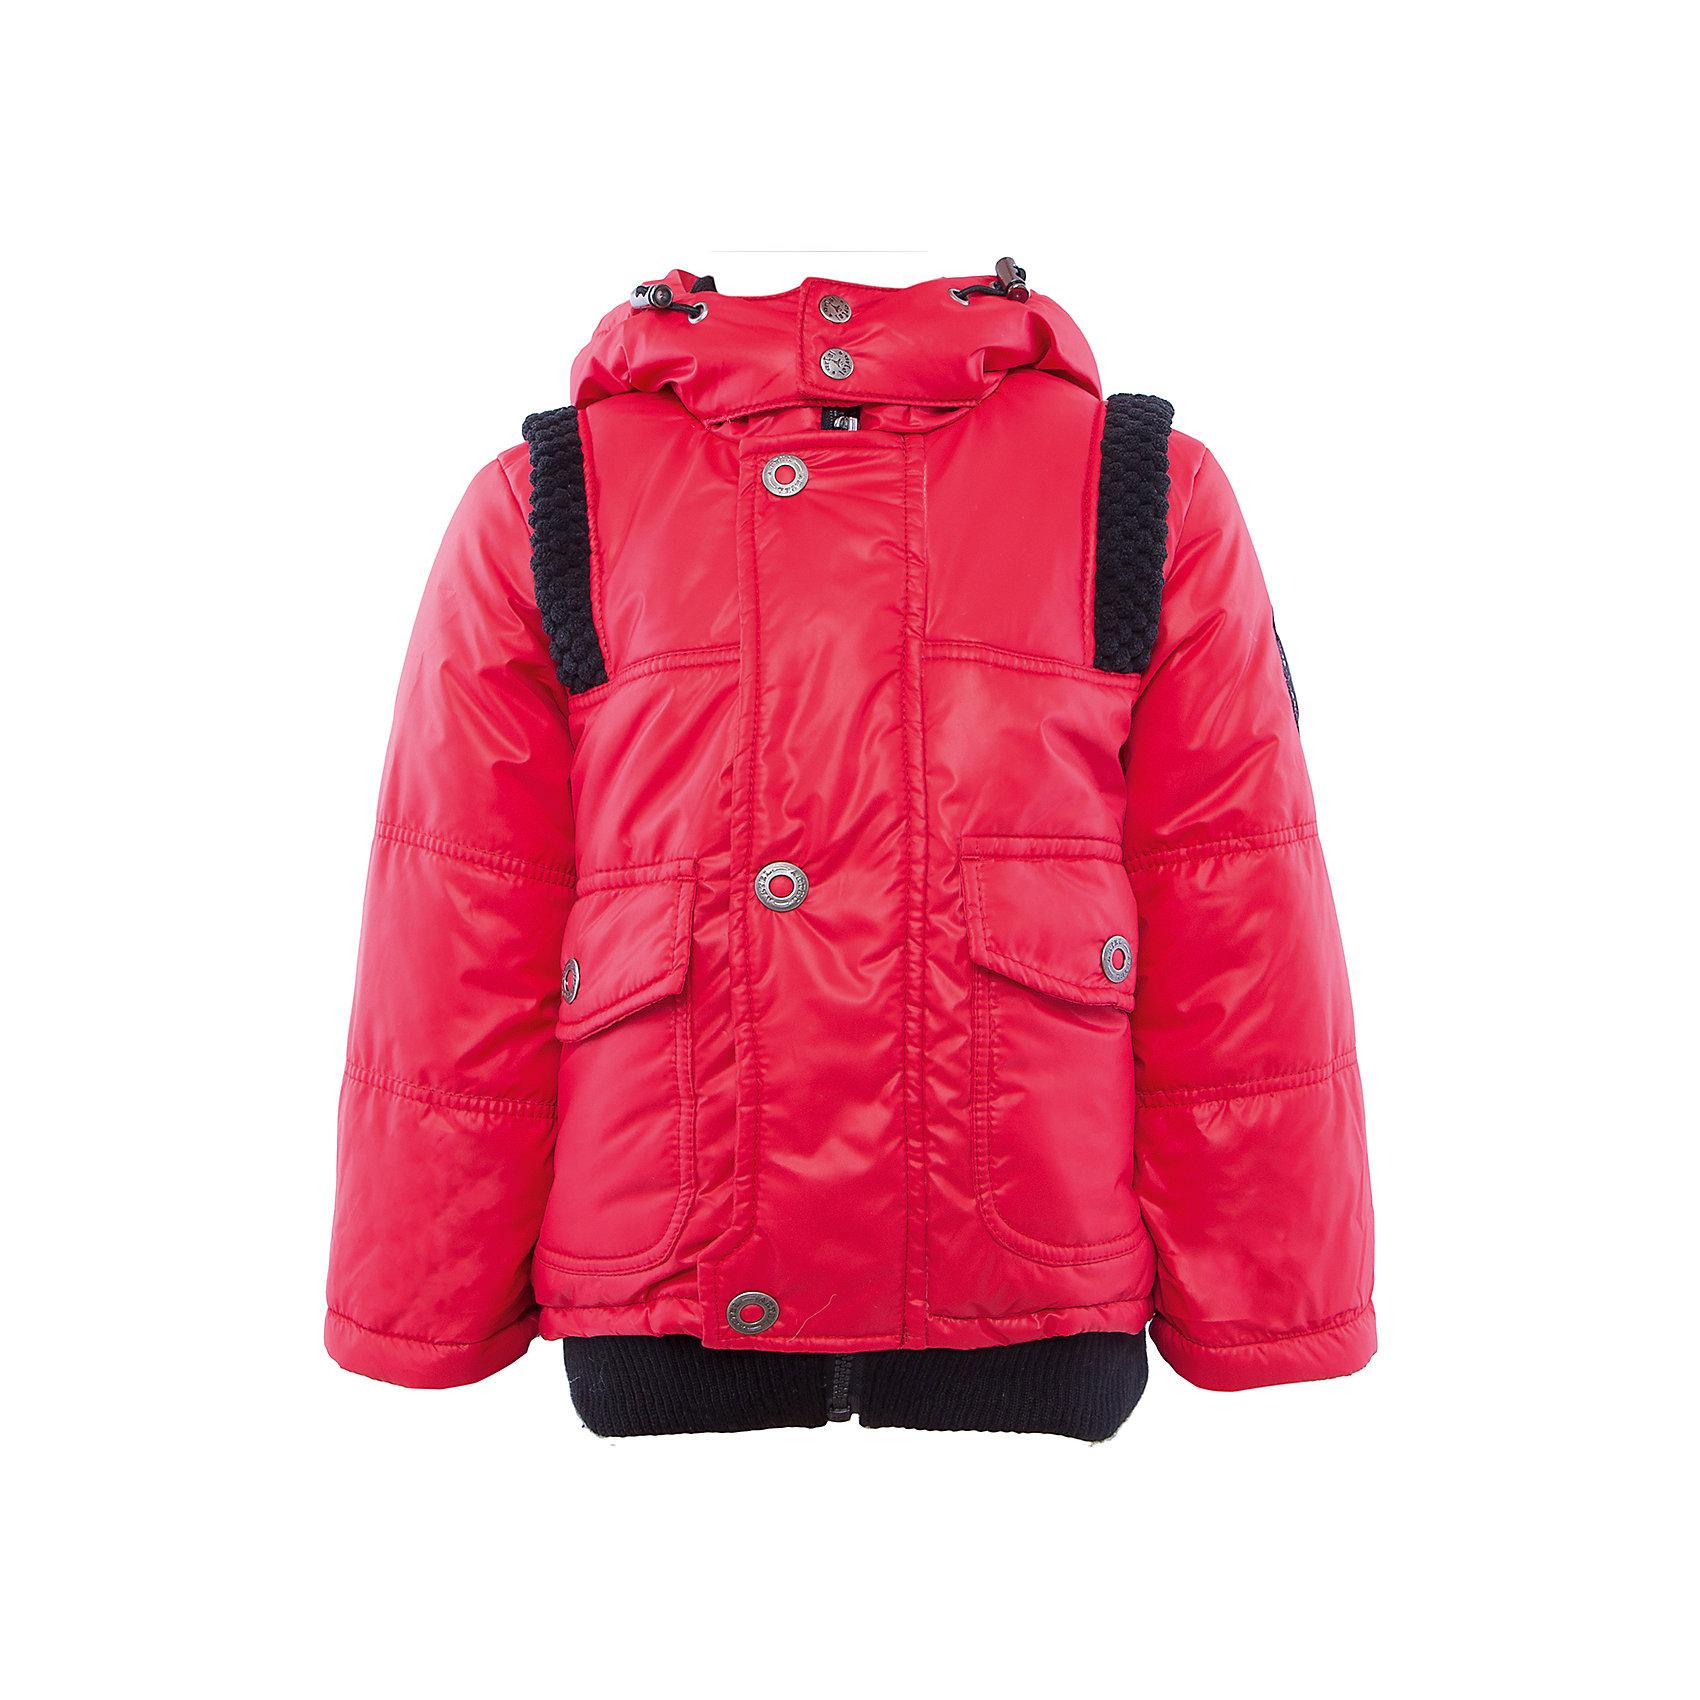 Куртка для мальчика АртельВерхняя одежда<br>Куртка для мальчика от известного бренда Артель<br>Куртка для мальчика с центральной застежкой на молнию, прикрытой ветрозащитной планкой. Капюшон втачной с регулируемой кулиской по краю. Манжета рукава отворотная, регулируется по длине, внутри трикотажная манжета. Но низу куртка отделана трикотажным подвязом. <br>Состав:<br>Верх: YSD 819<br>Подкладка: интерлок<br>Утеплитель: термофайбер 200гр<br><br>Ширина мм: 356<br>Глубина мм: 10<br>Высота мм: 245<br>Вес г: 519<br>Цвет: красный<br>Возраст от месяцев: 24<br>Возраст до месяцев: 36<br>Пол: Мужской<br>Возраст: Детский<br>Размер: 98,80,86,92<br>SKU: 4963631